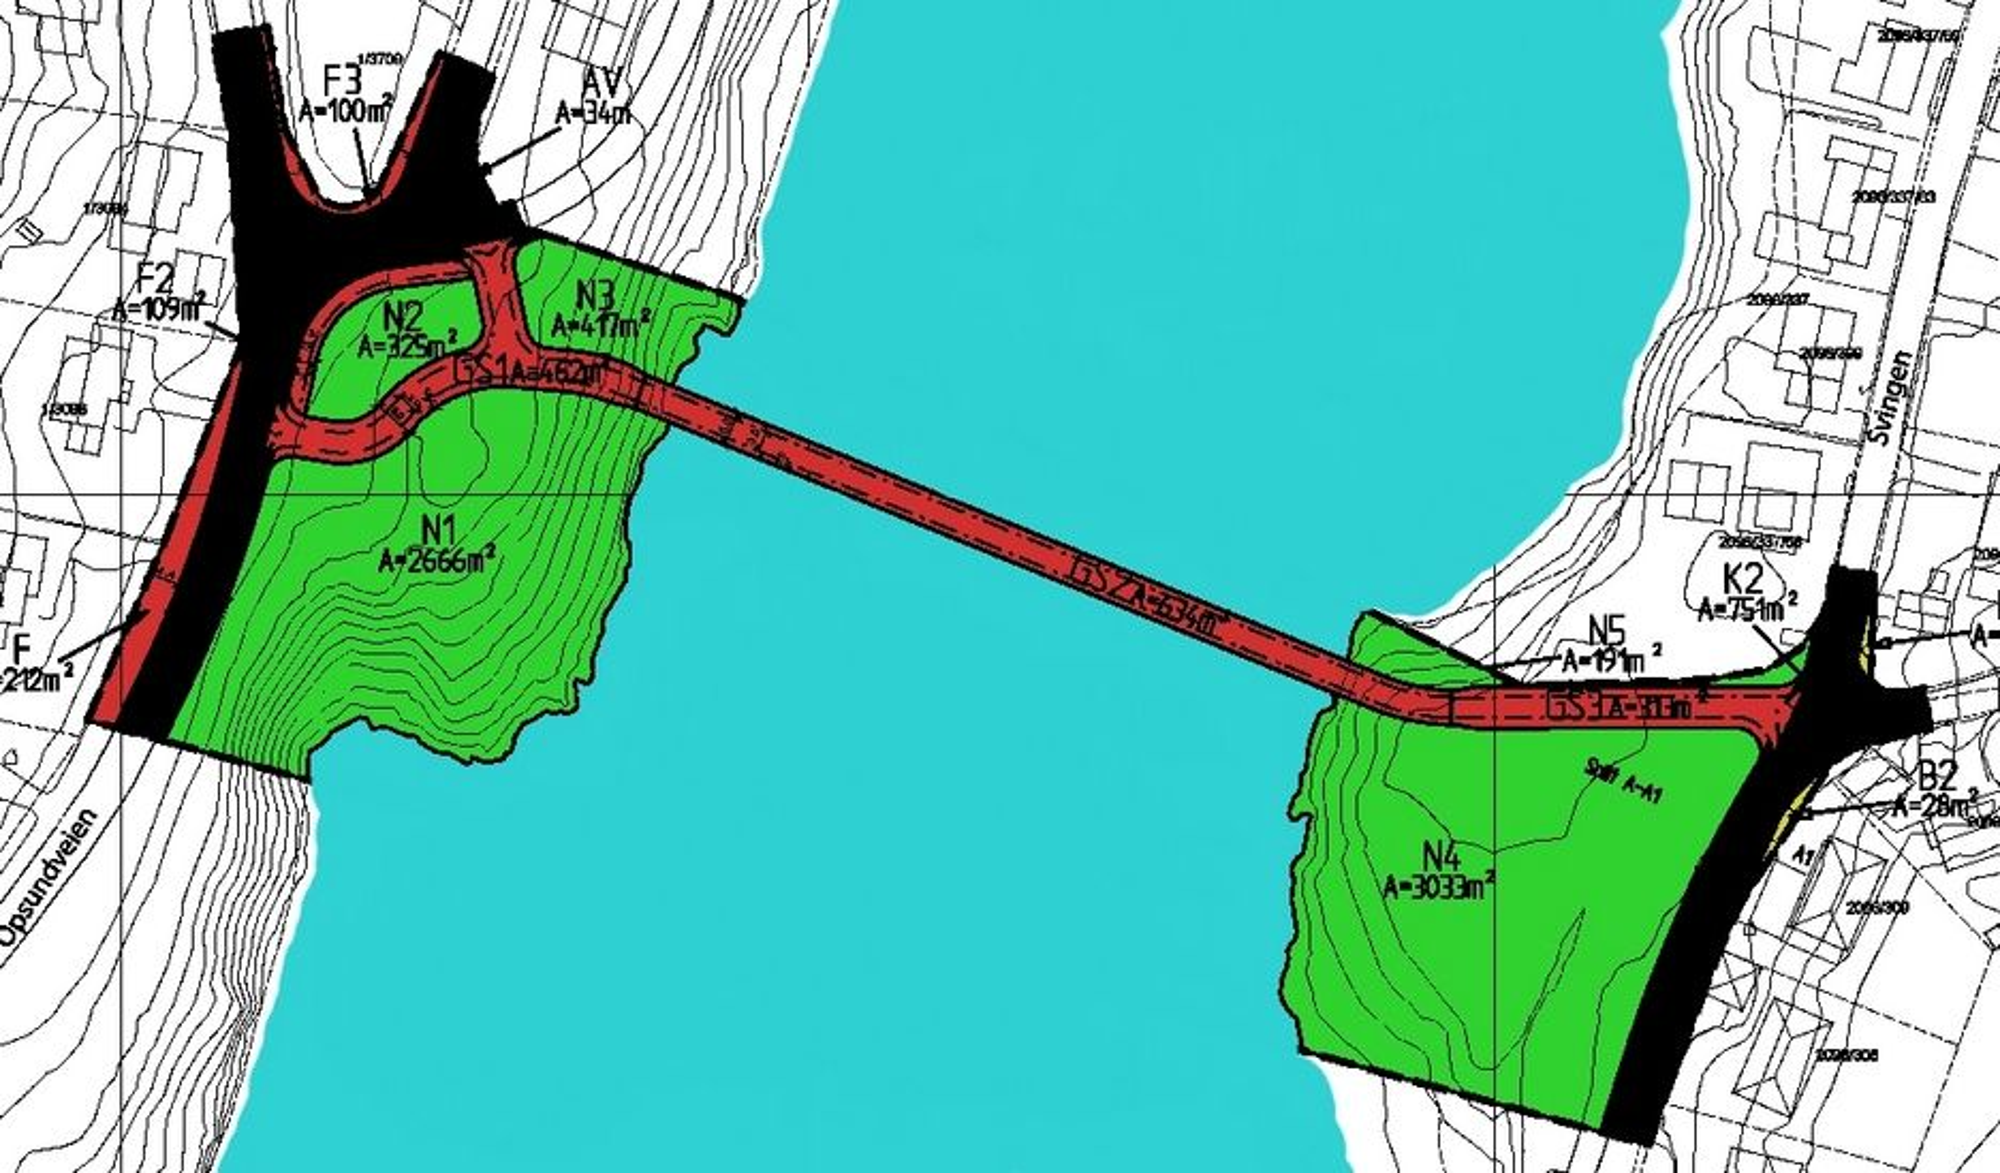 Seks grupper vil prosjektere gangbrua i Sarpsborg. Glomma er 105 meter bred ved krysningspunktet. På grunn av faren for vannoppstuving ved høy vannføring er pilarer i elva ikke ønskelig. Ill.: Sarpsborg kommune